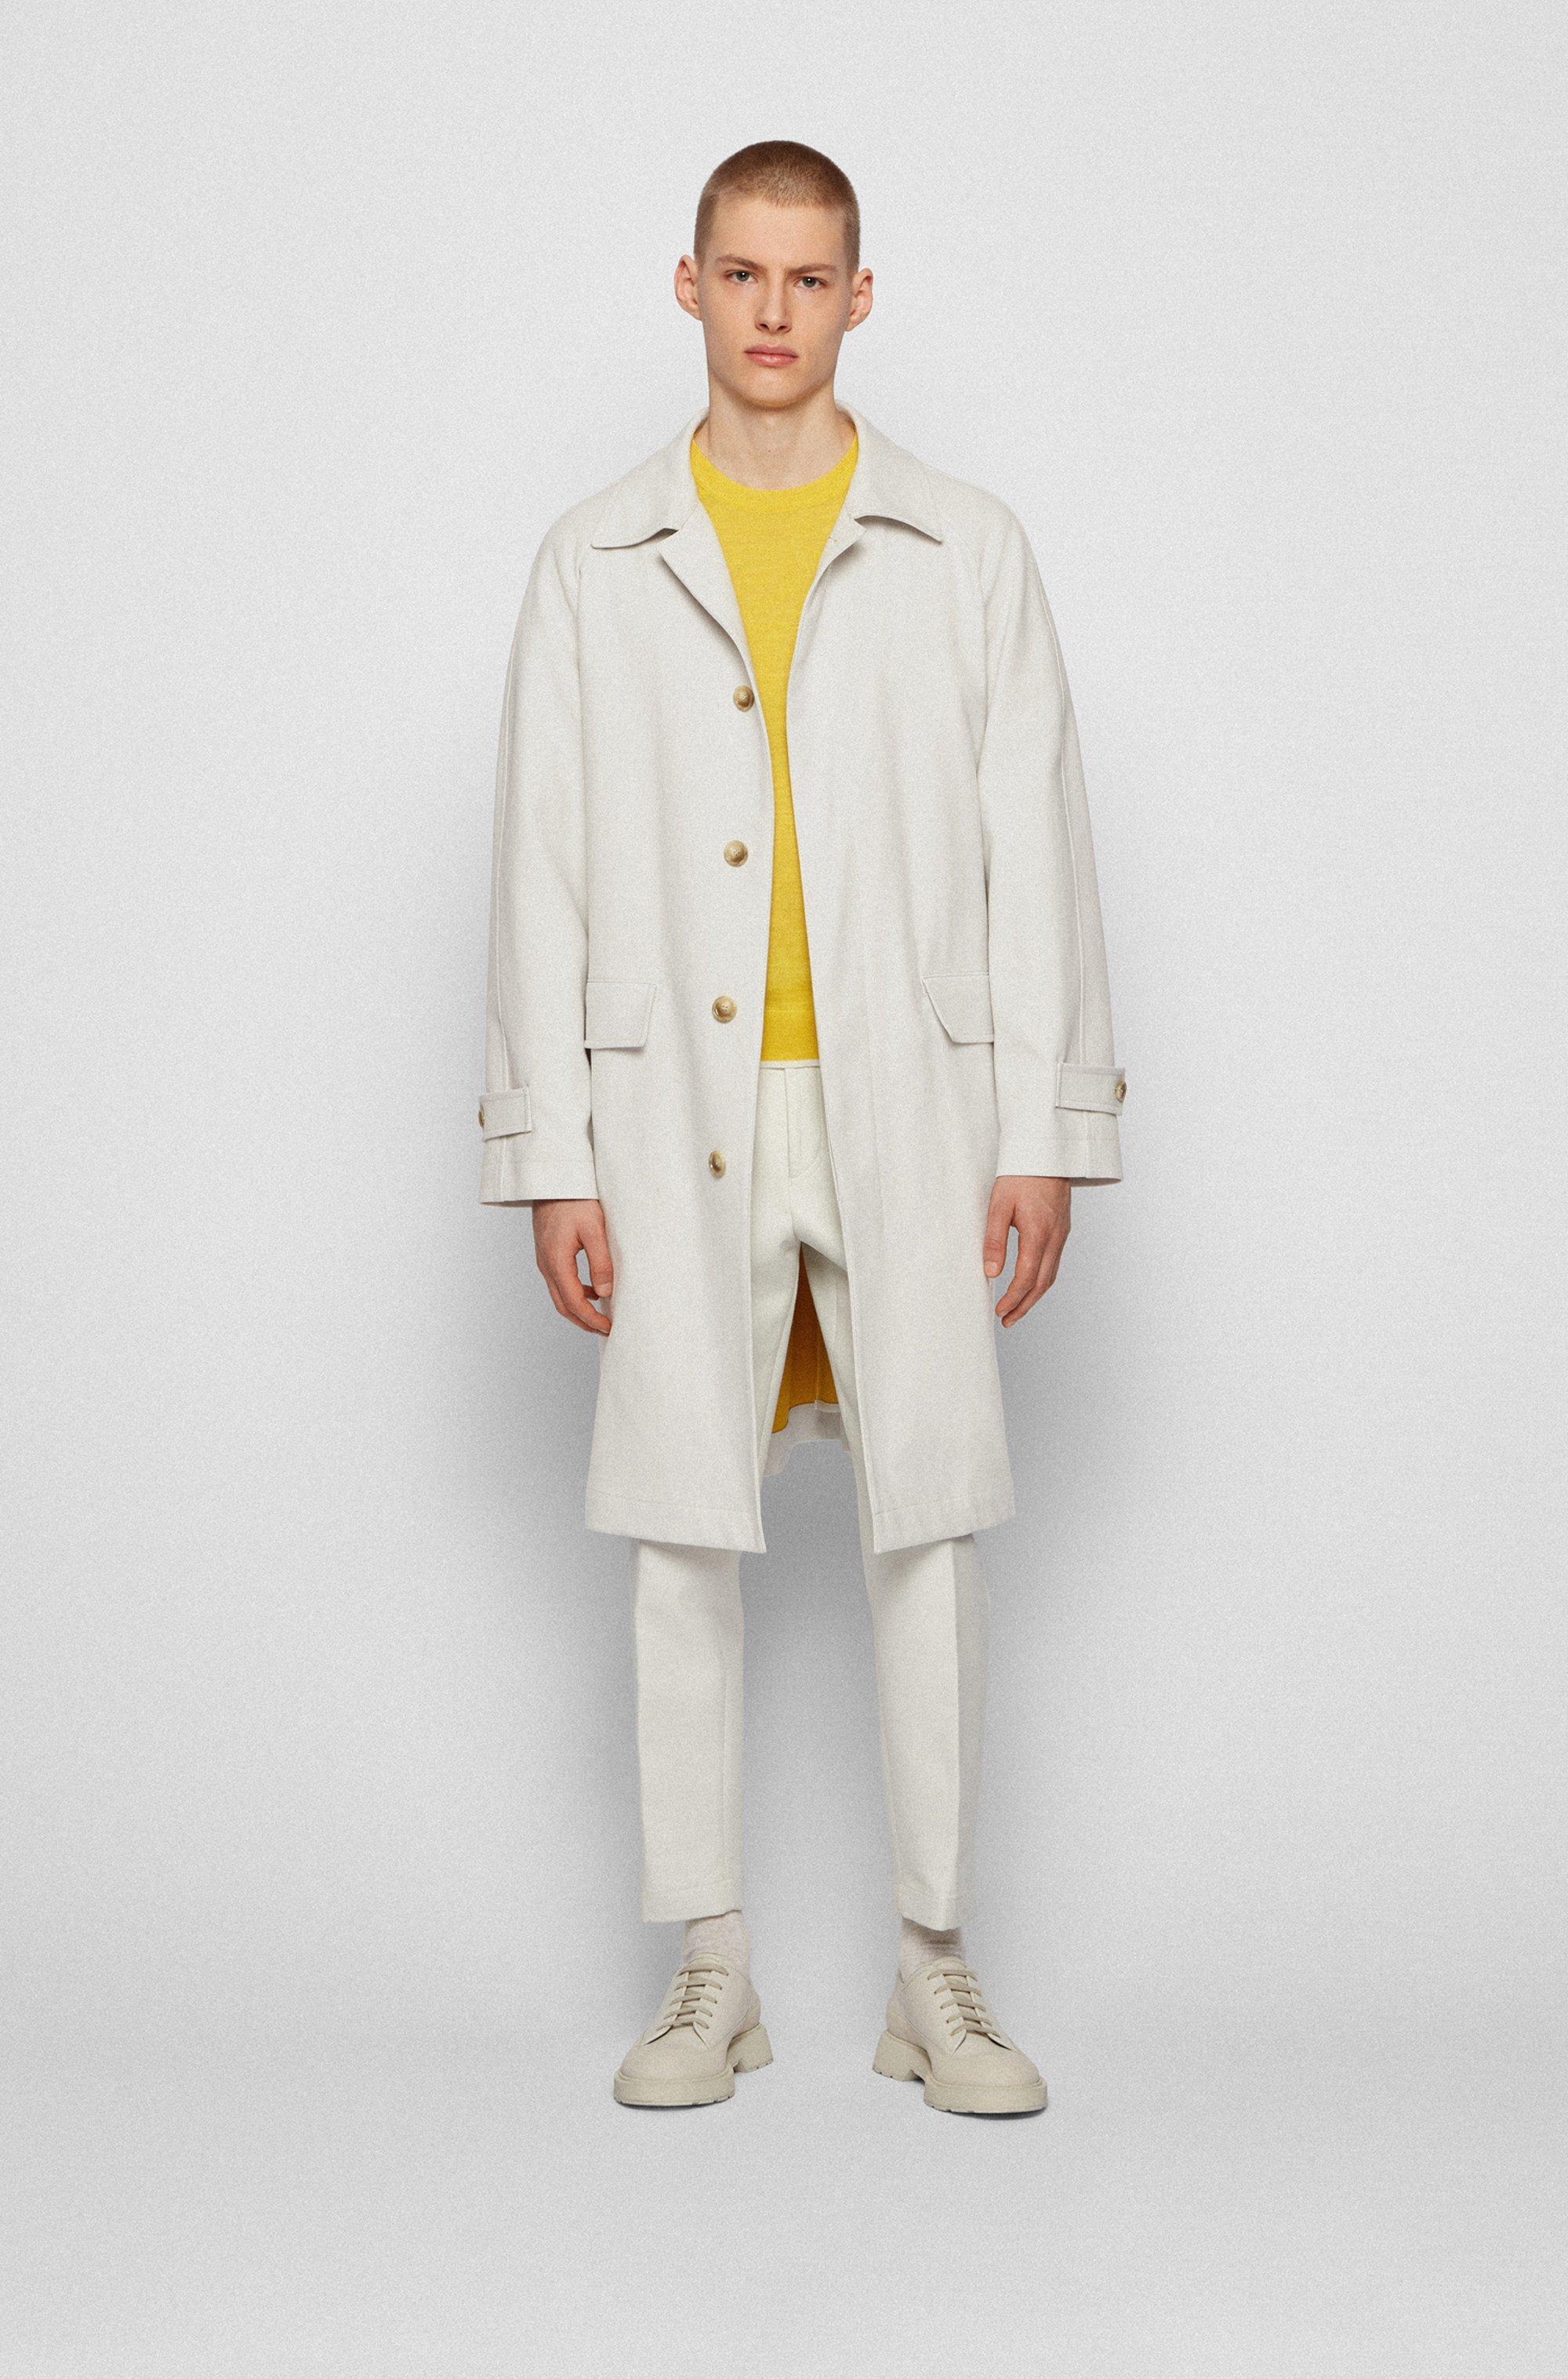 Abrigo relaxed fit de algodón aglomerado con cierre oculto